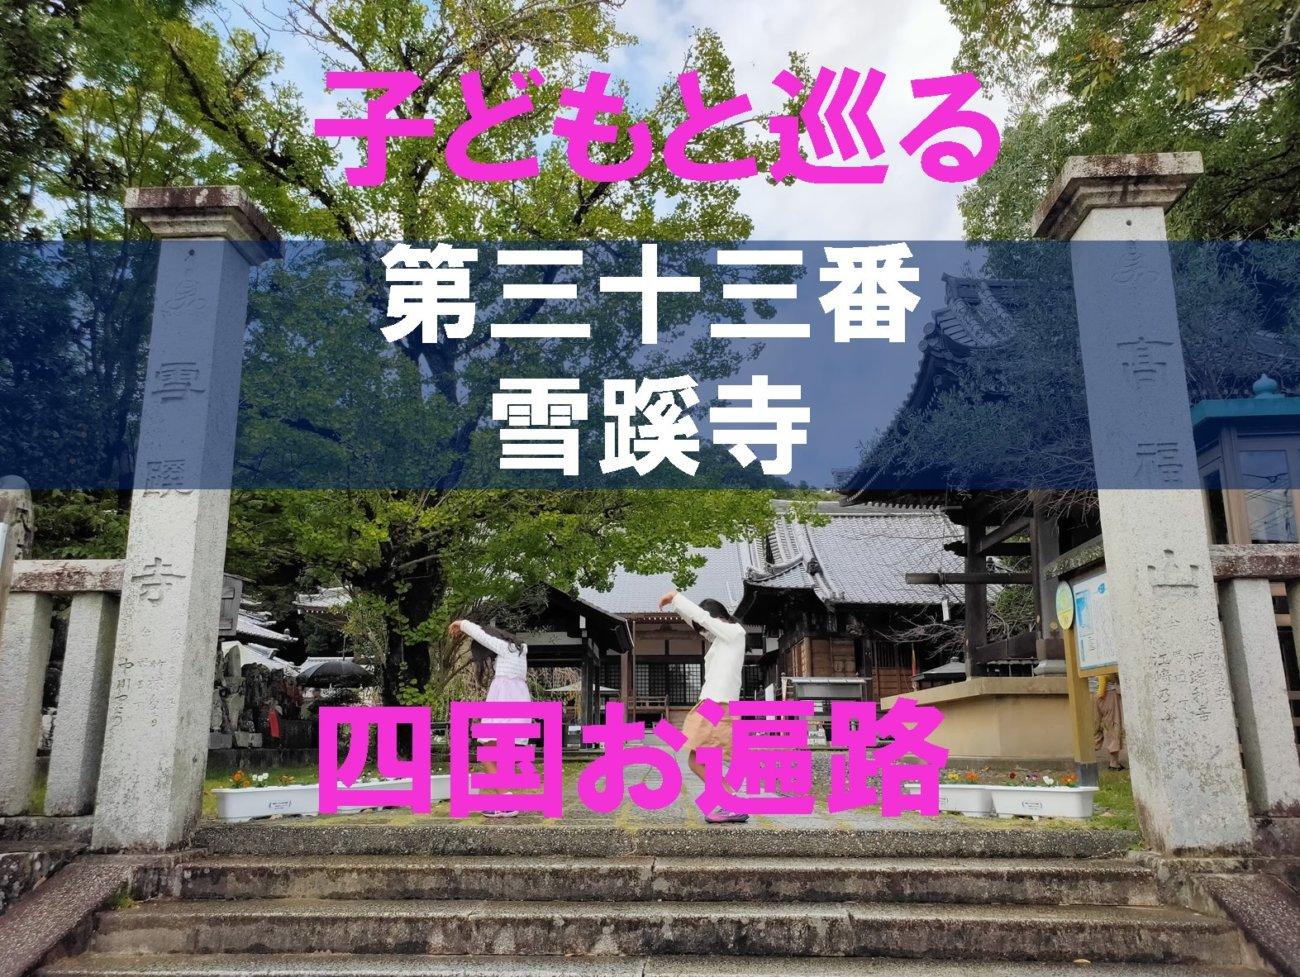 33番雪蹊寺のアイキャッチ画像